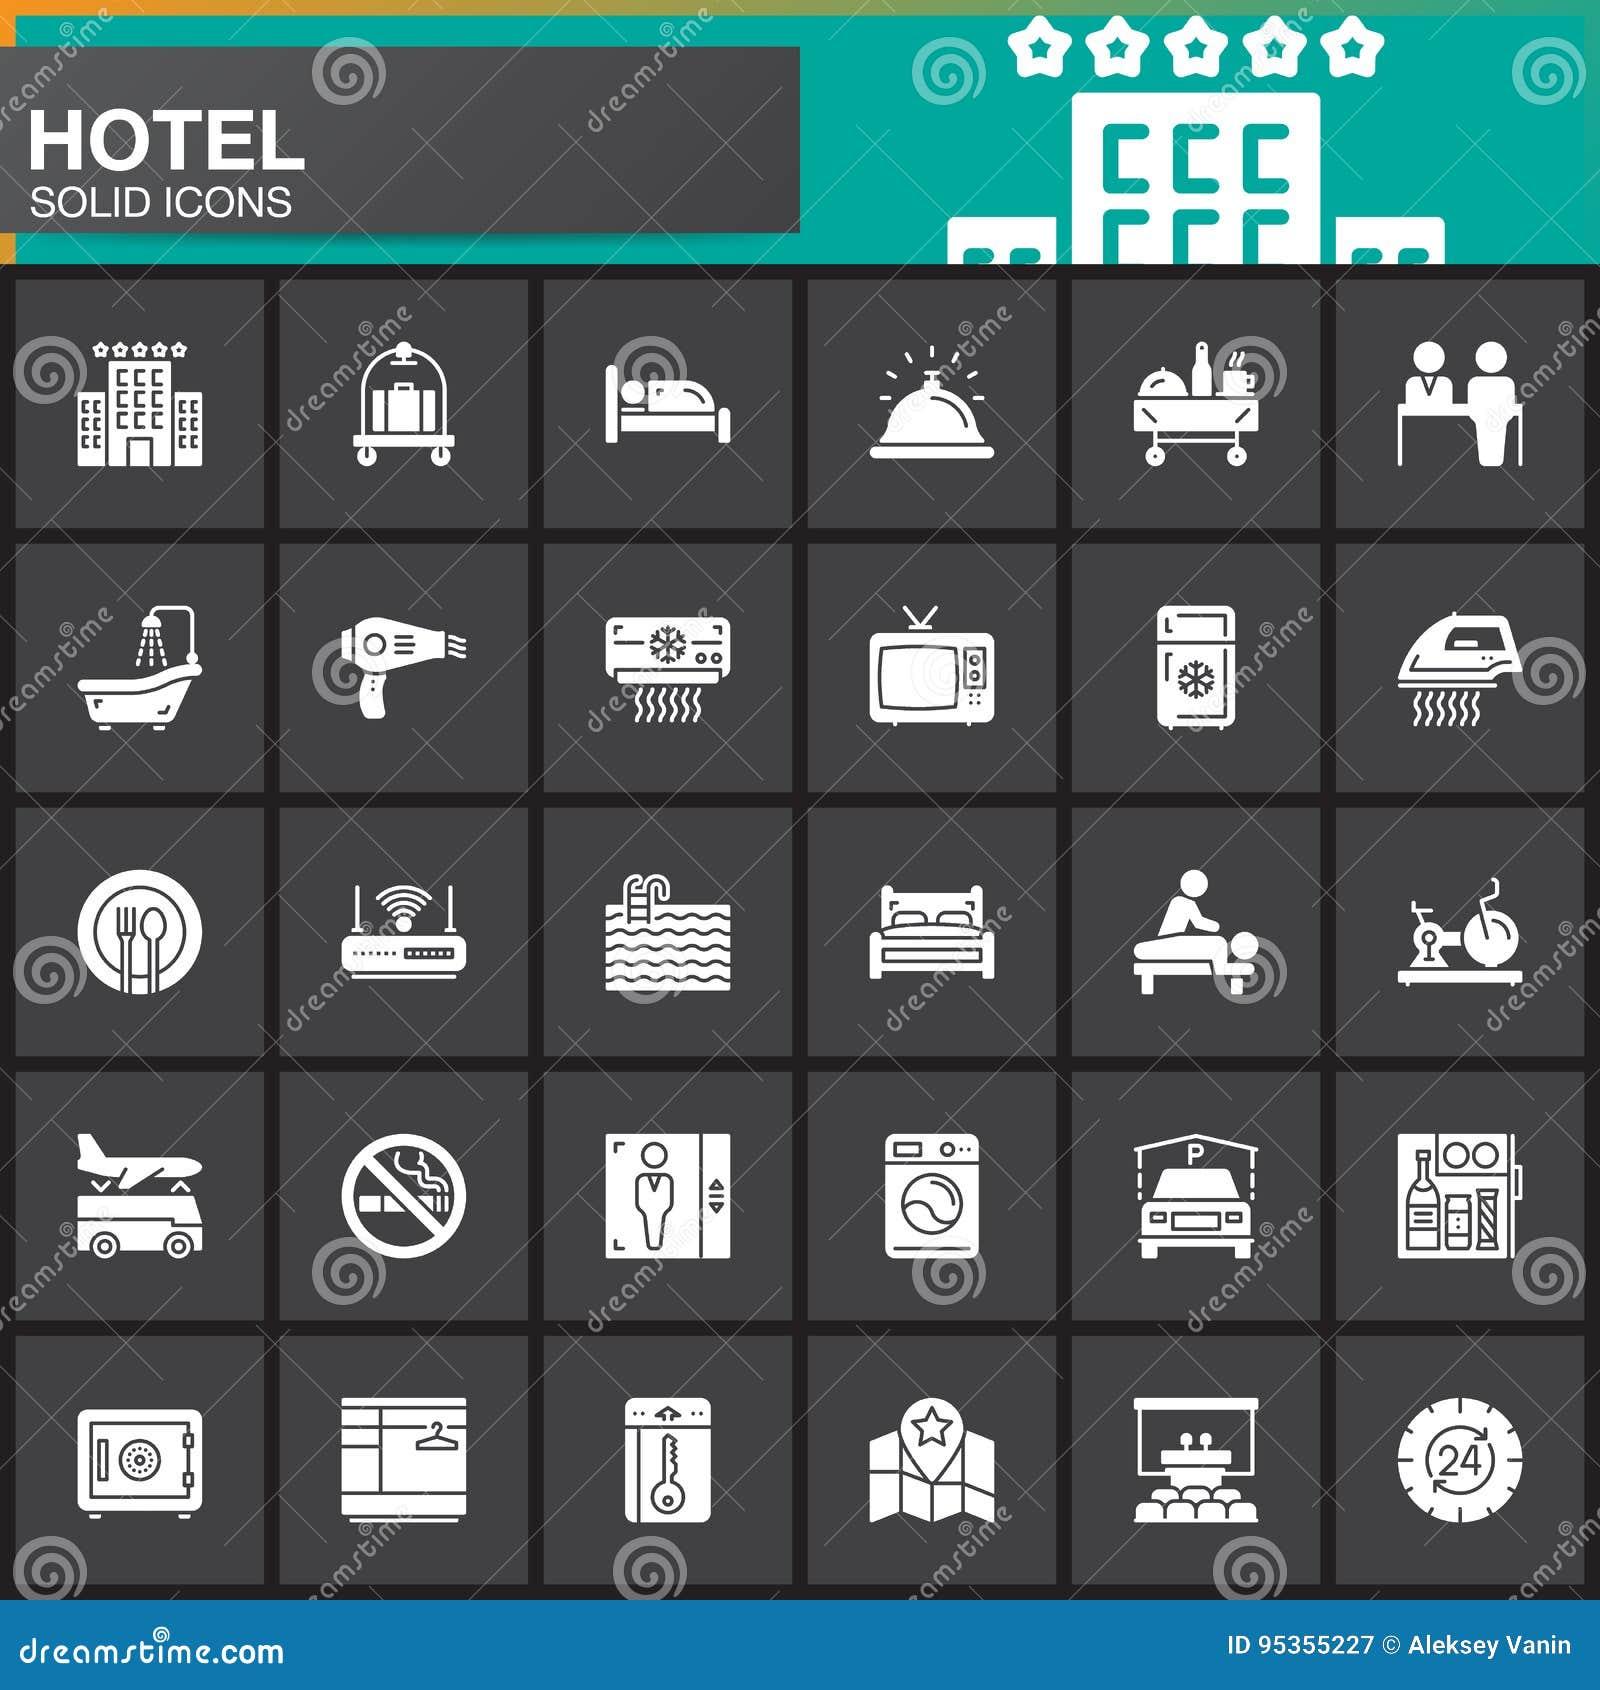 Servicios de hotel e iconos fijados, colección sólida moderna del símbolo, paquete blanco llenado del vector de las instalaciones